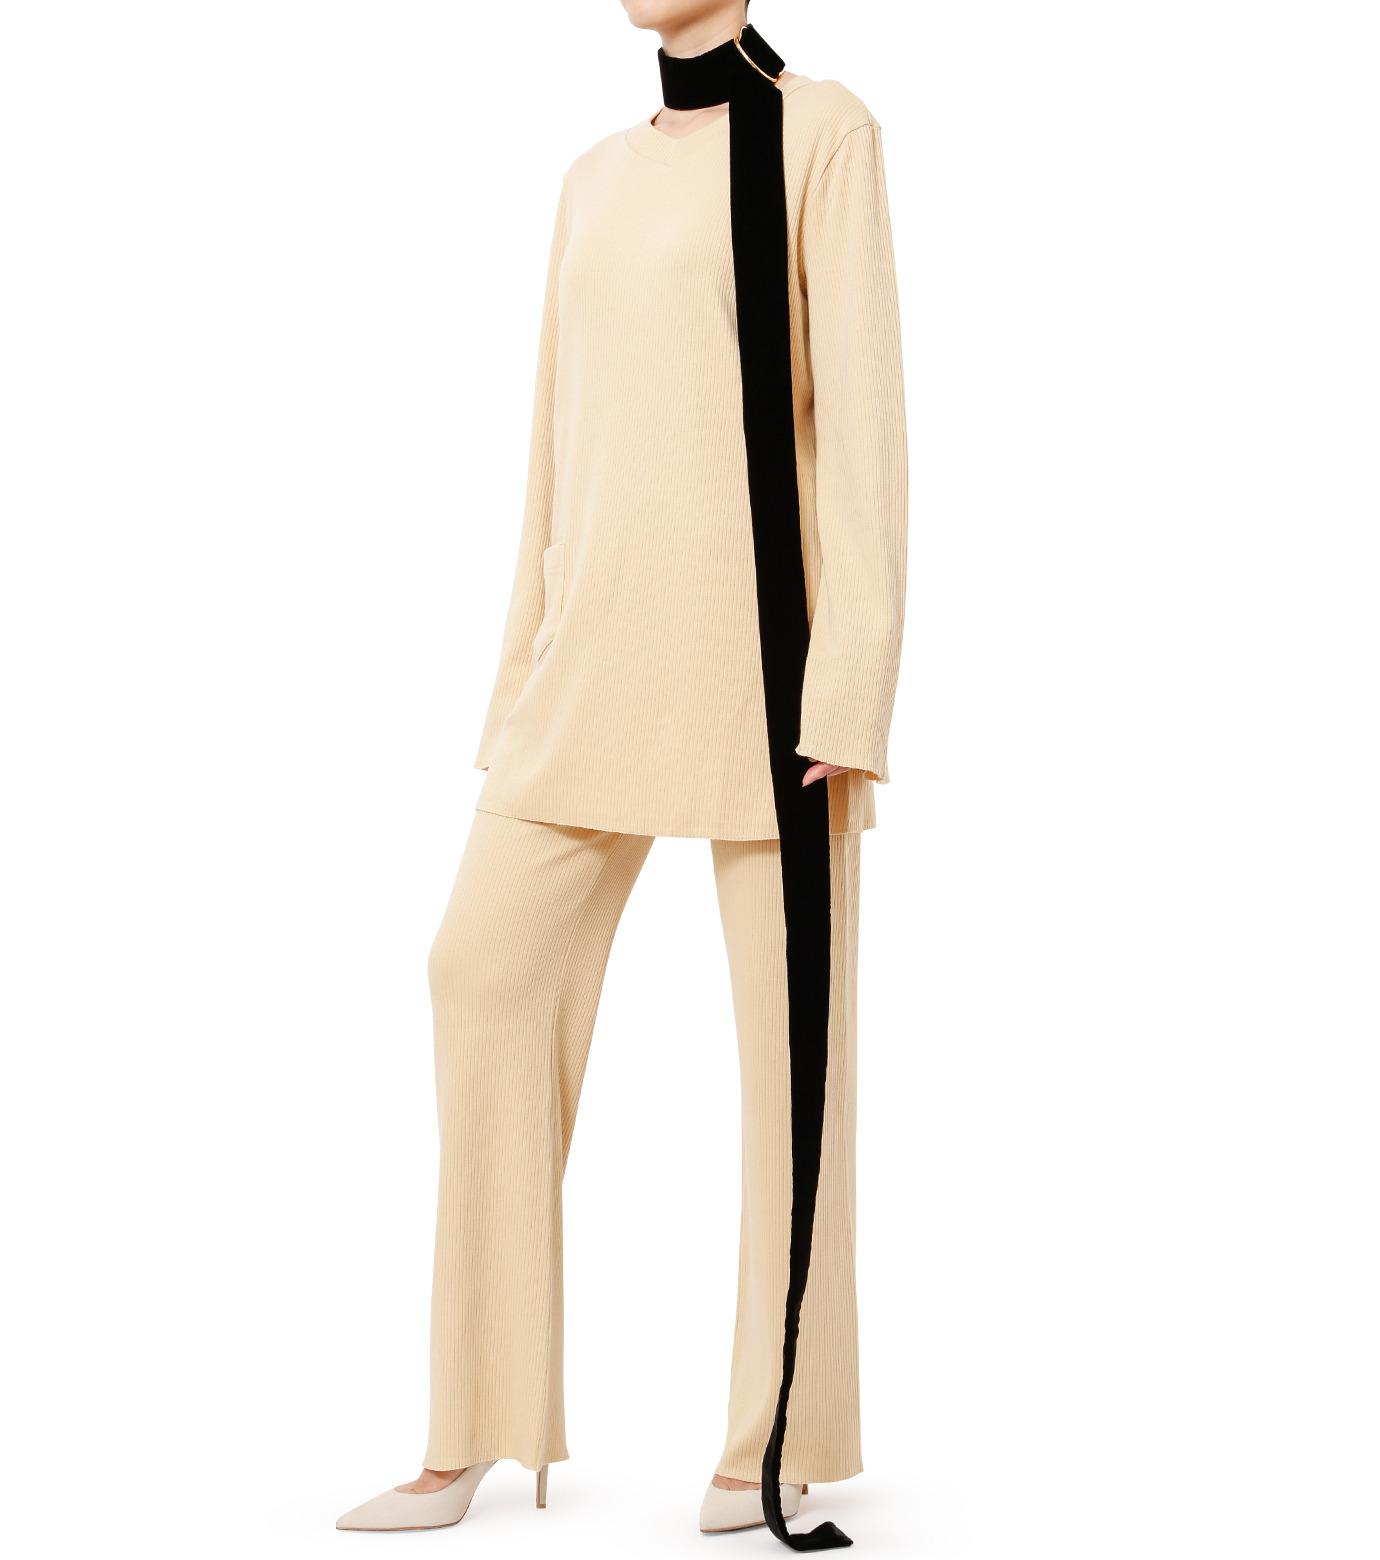 AKANE UTSUNOMIYA(アカネウツノミヤ)のRib Knit Pants-LIGHT BEIGE(パンツ/pants)-W16FCT012001-51 拡大詳細画像3